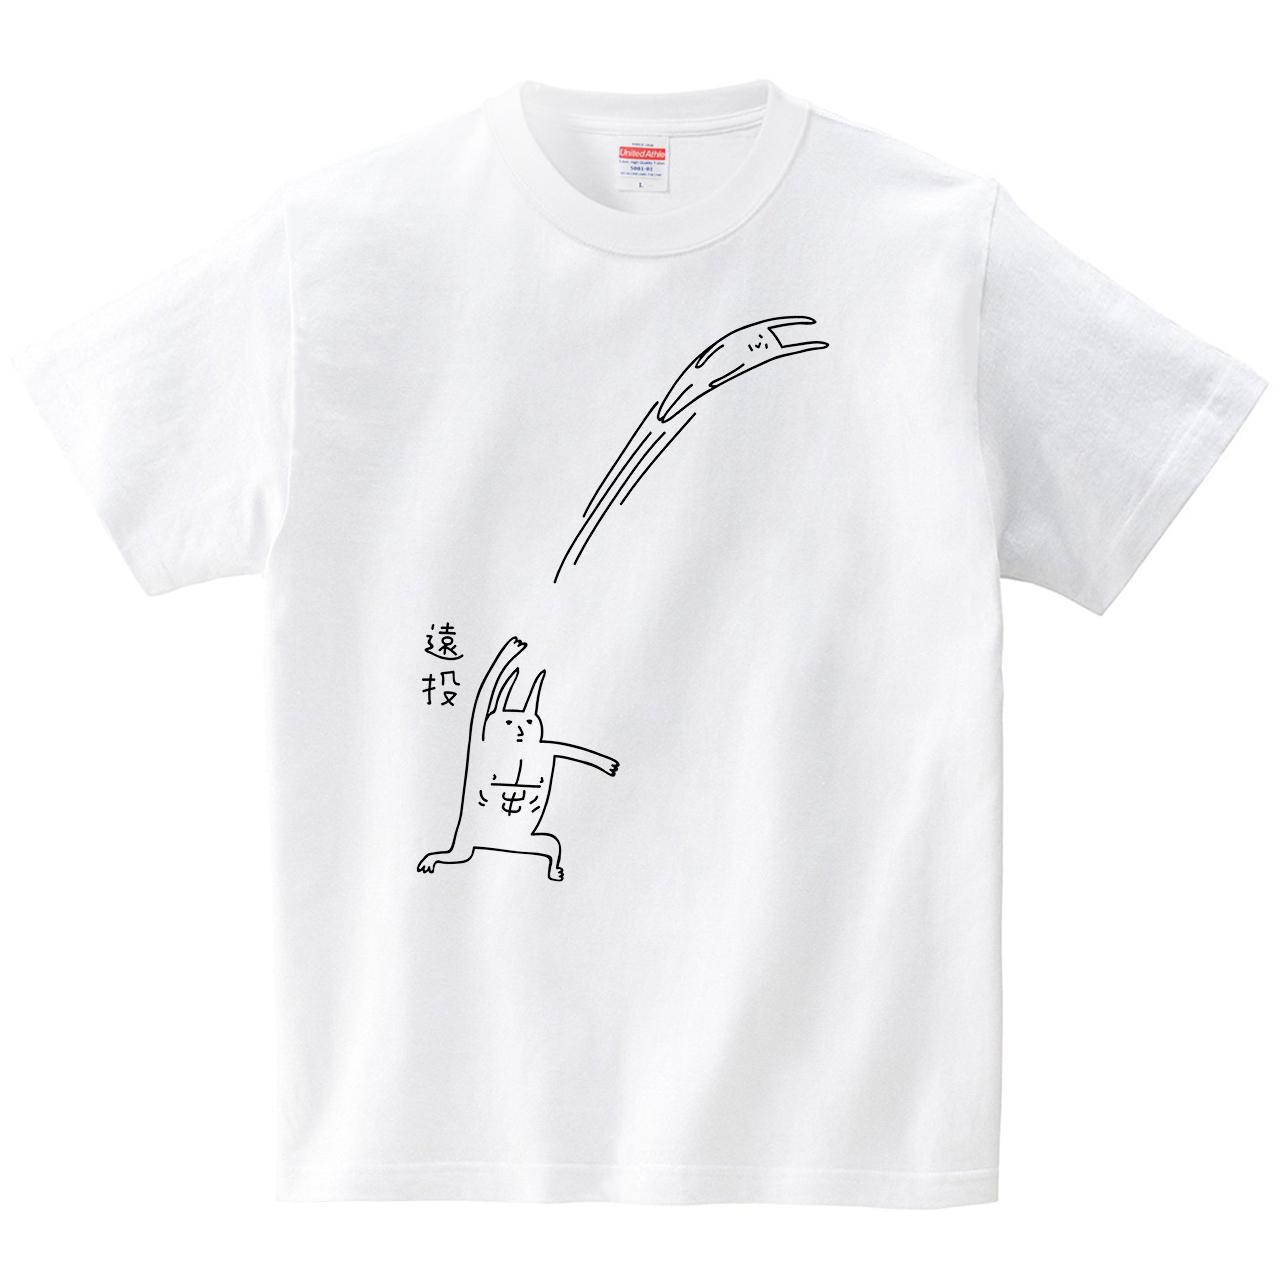 遠投ウサギ(Tシャツ・ホワイト)(オワリ)